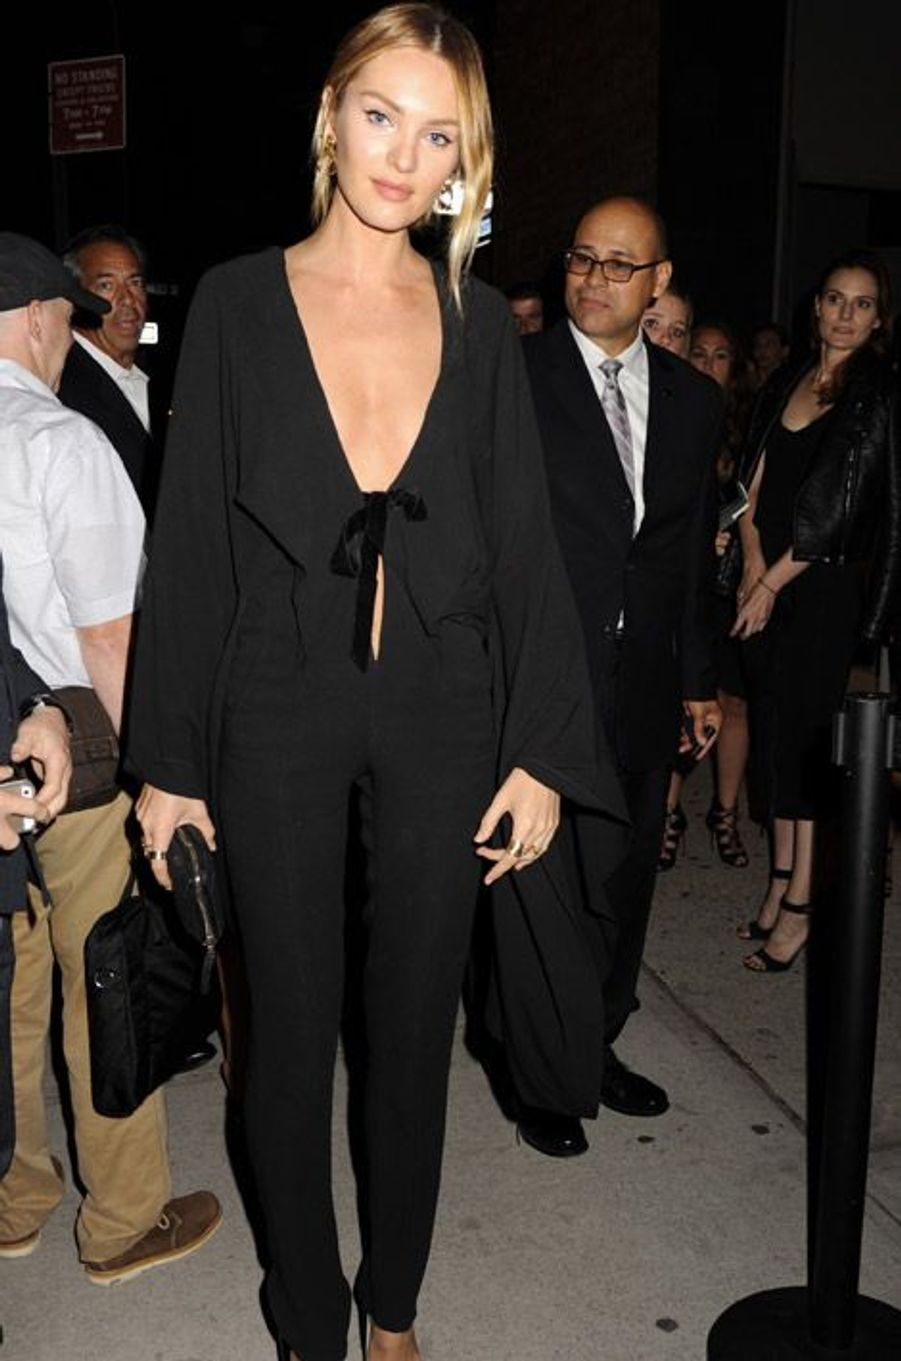 Le mannequin Candice Swanepoel, lors de la soirée organisée pour la sortie du livre Angels du photographe Russell James, le 10 septembre 2014 à N...